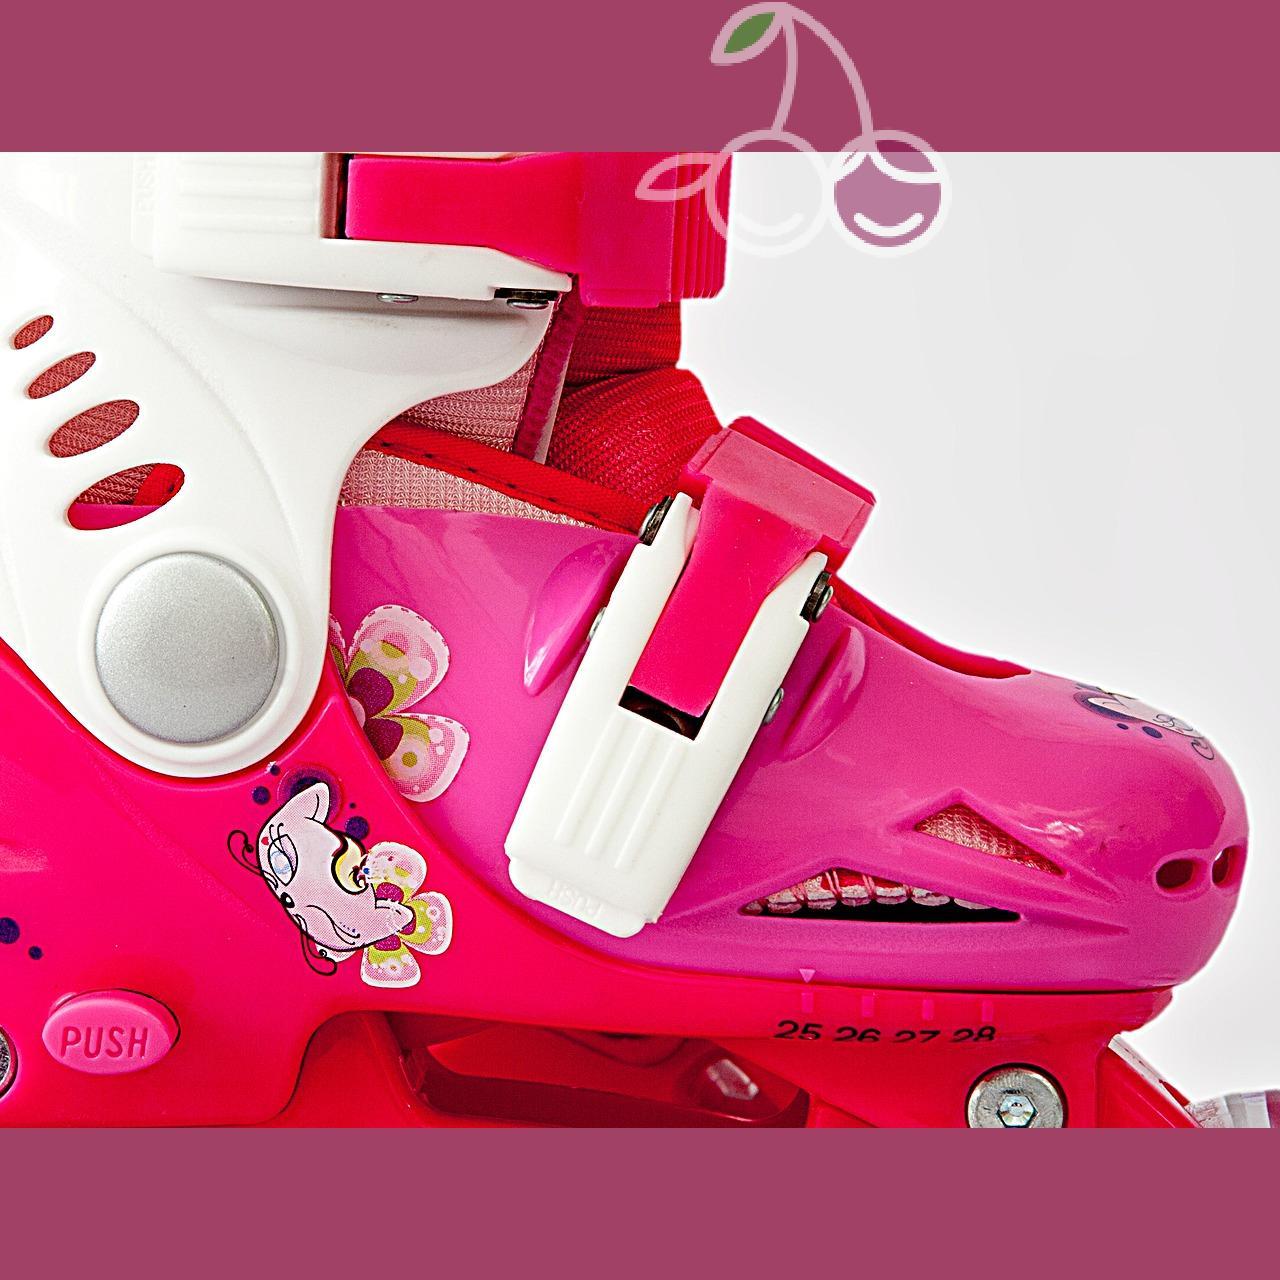 Роликовые коньки детские 26 размер, для обучения (трансформеры, раздвижной ботинок) MagicWheels розовые, - фото 3